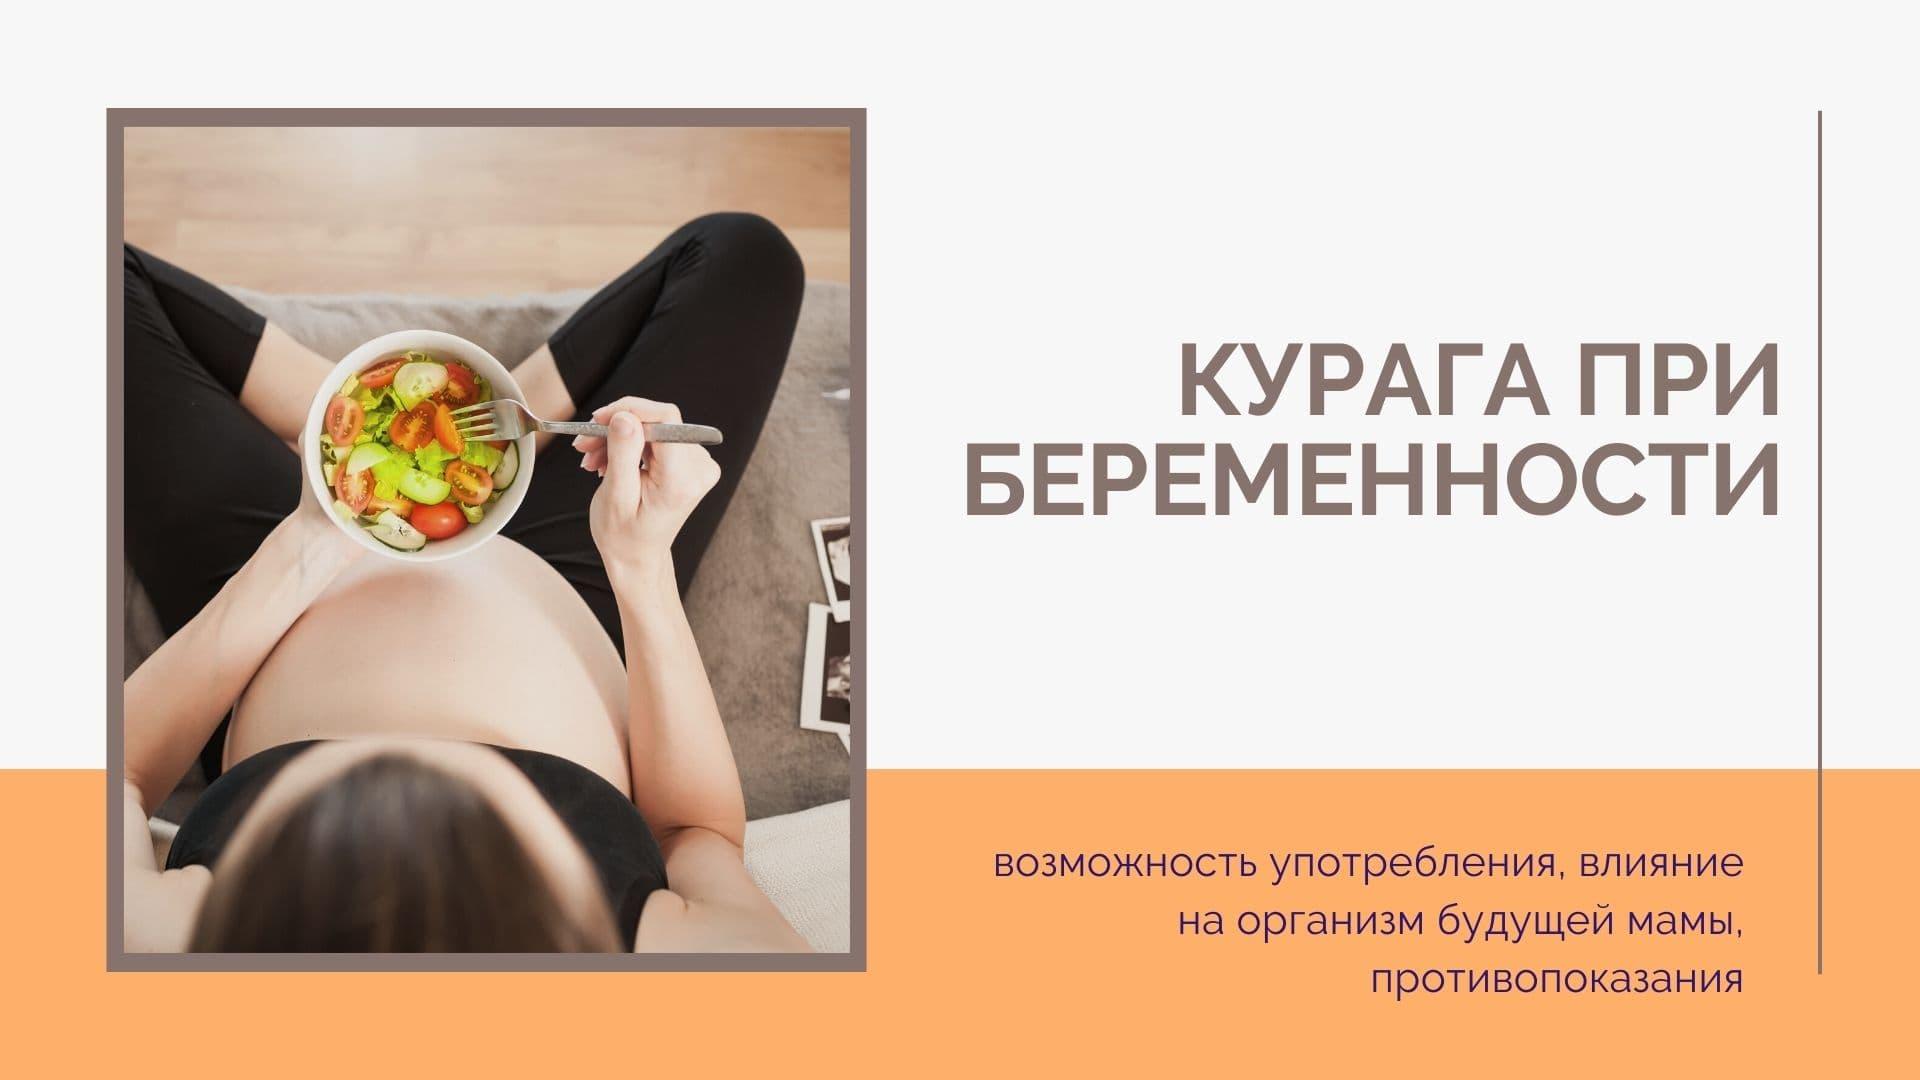 Курага при беременности: возможность употребления, влияние на организм будущей мамы, противопоказания